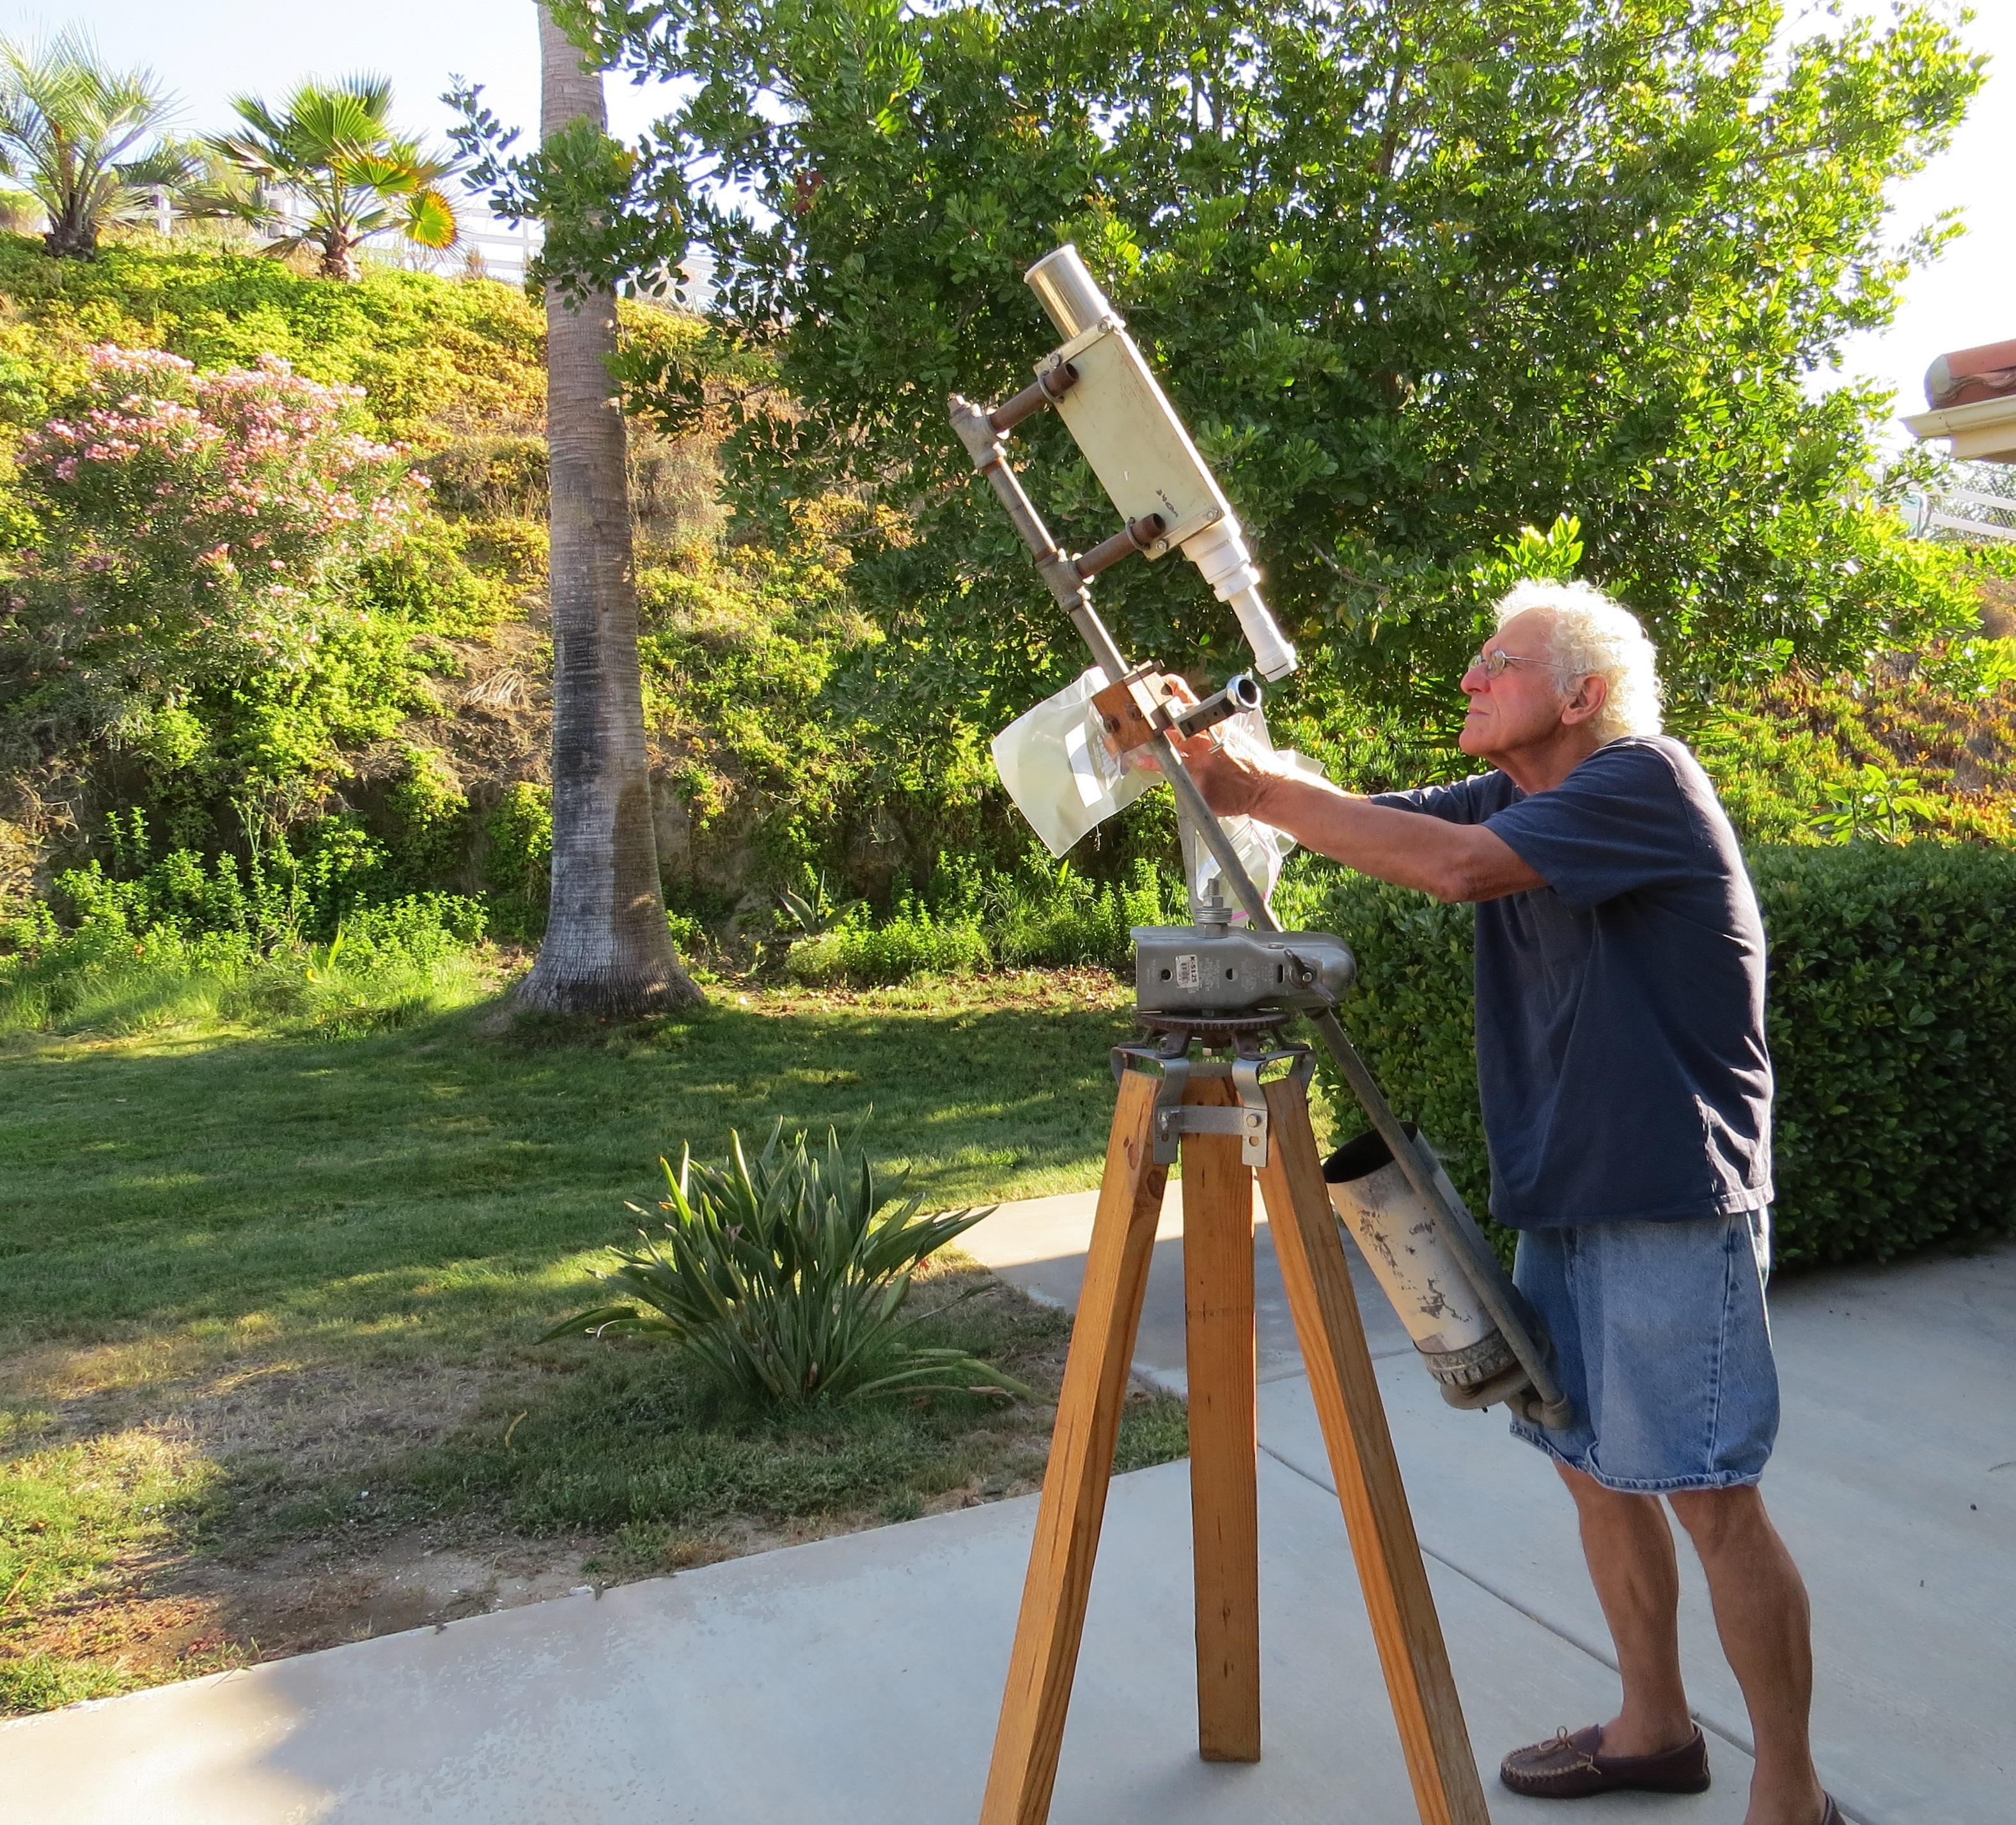 Through a DIY Telescope, Brightly